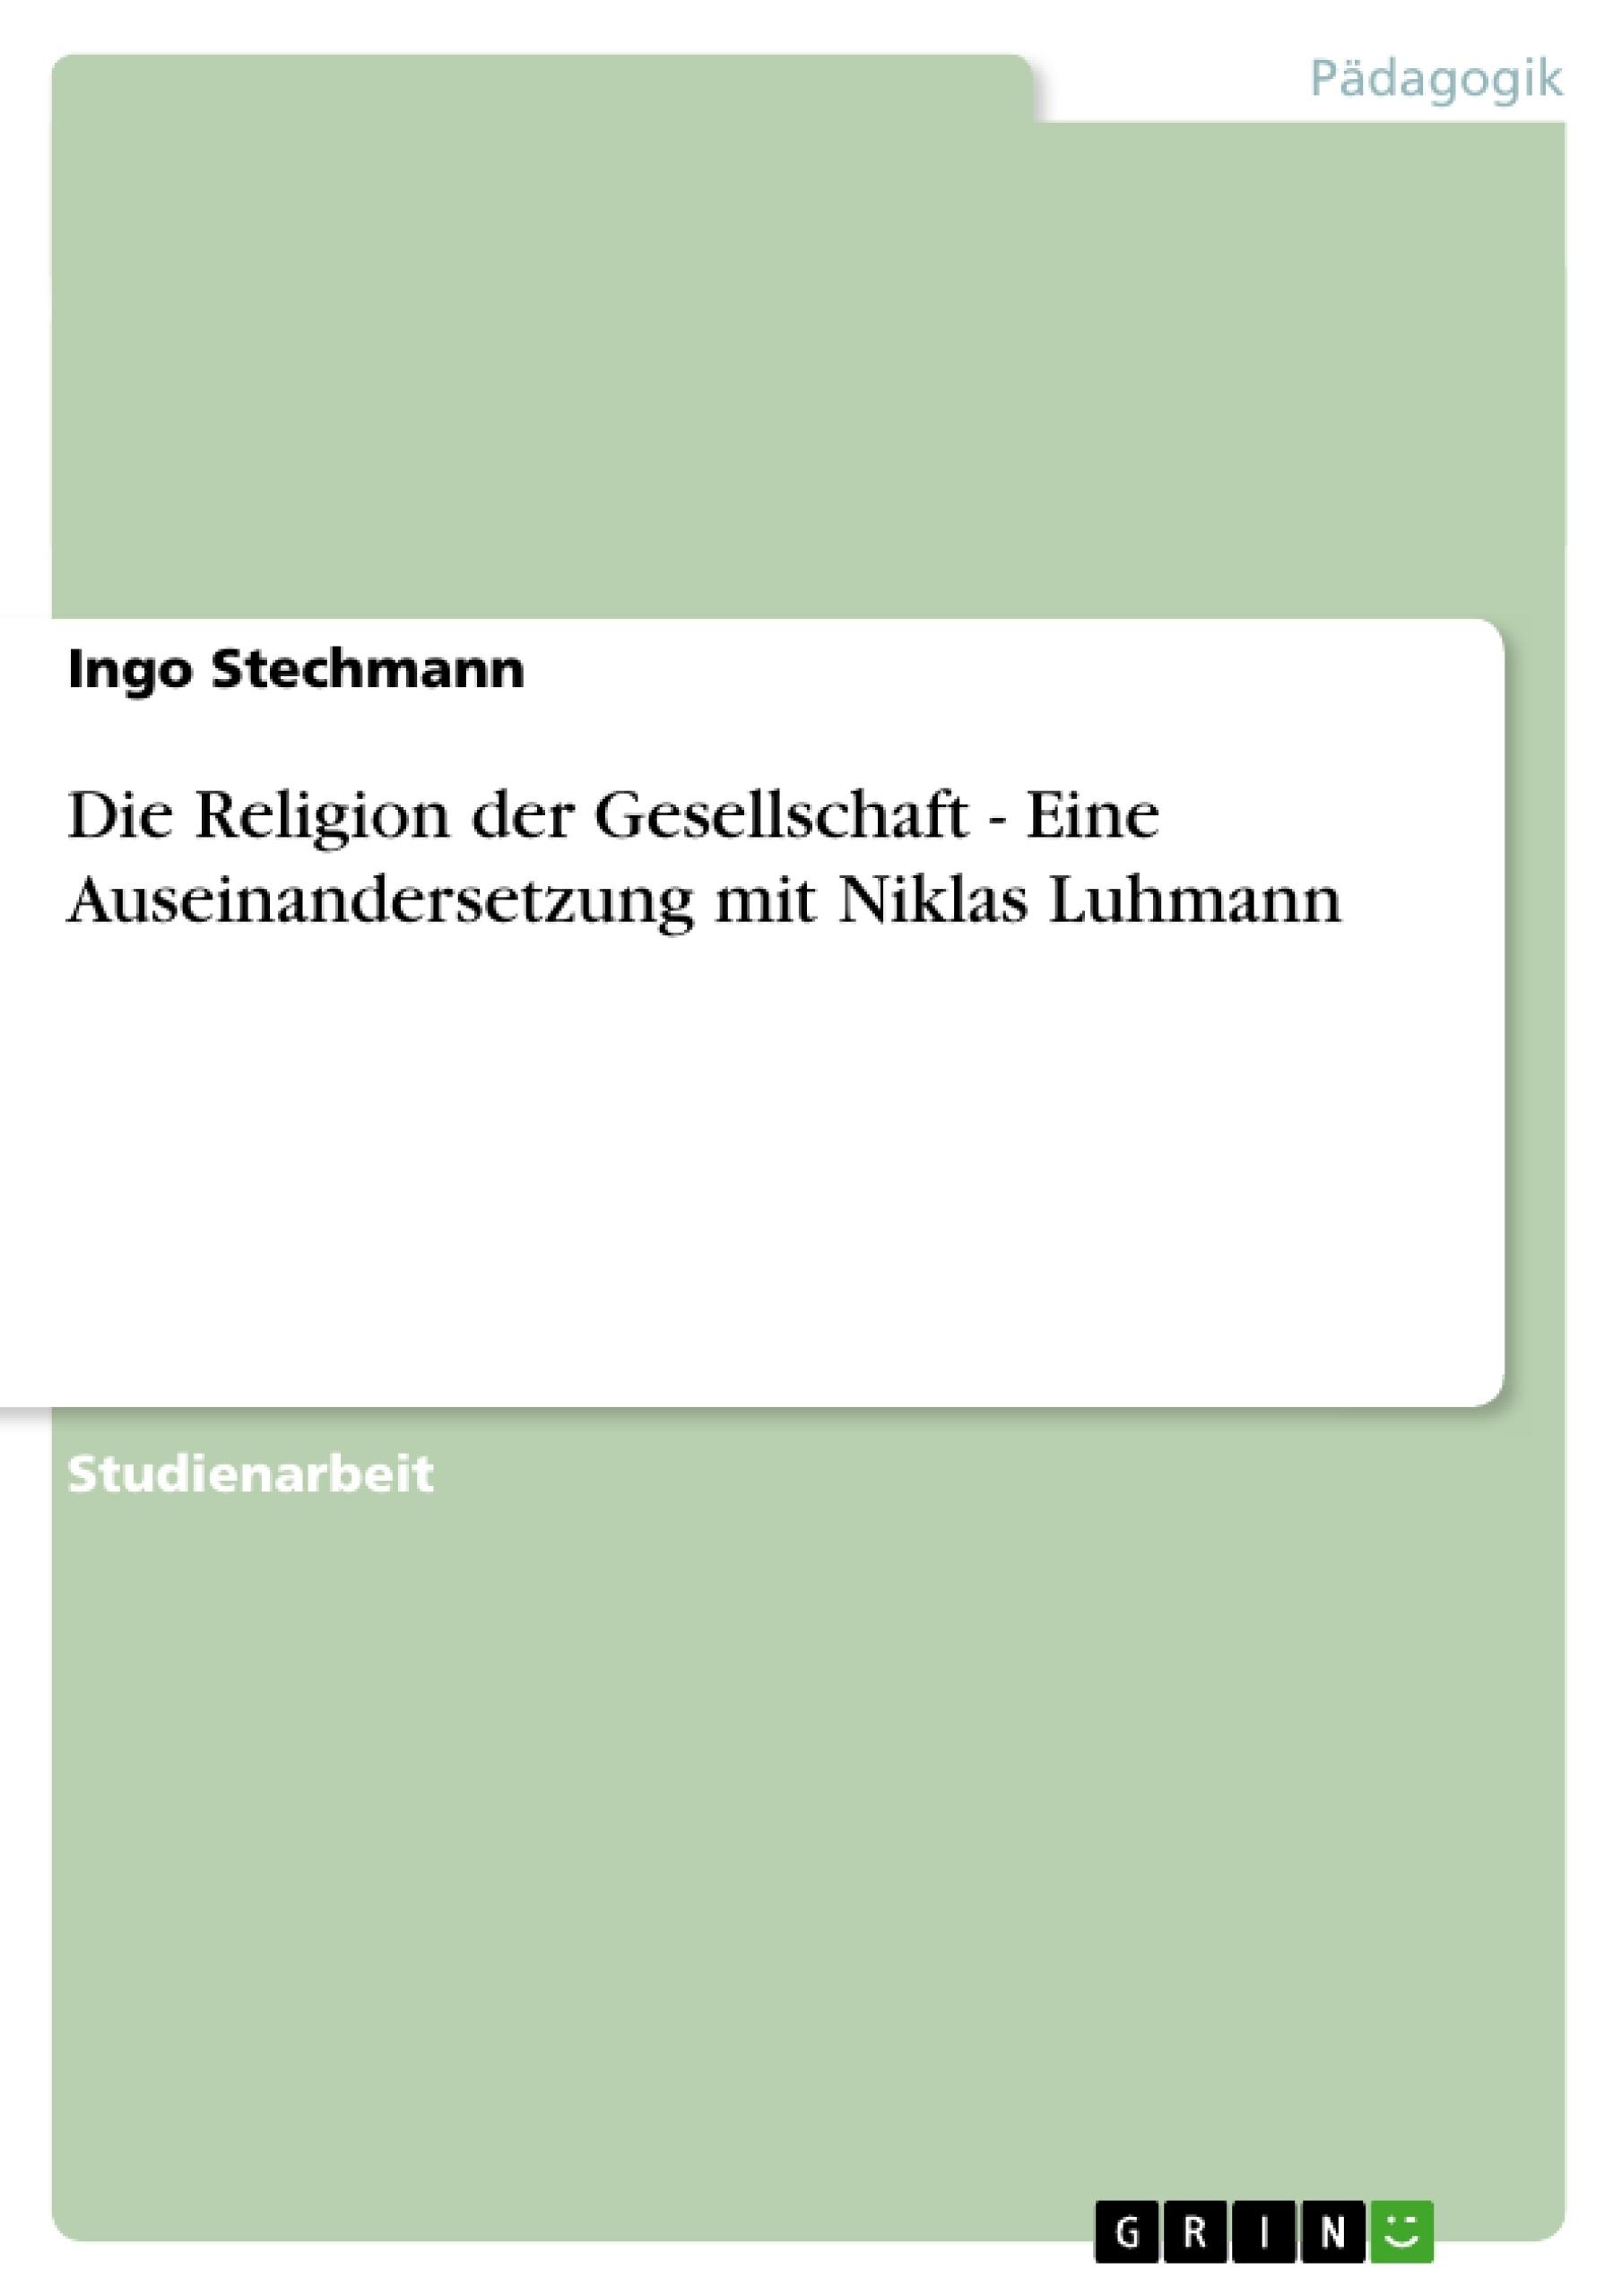 Titel: Die Religion der Gesellschaft - Eine Auseinandersetzung mit Niklas Luhmann